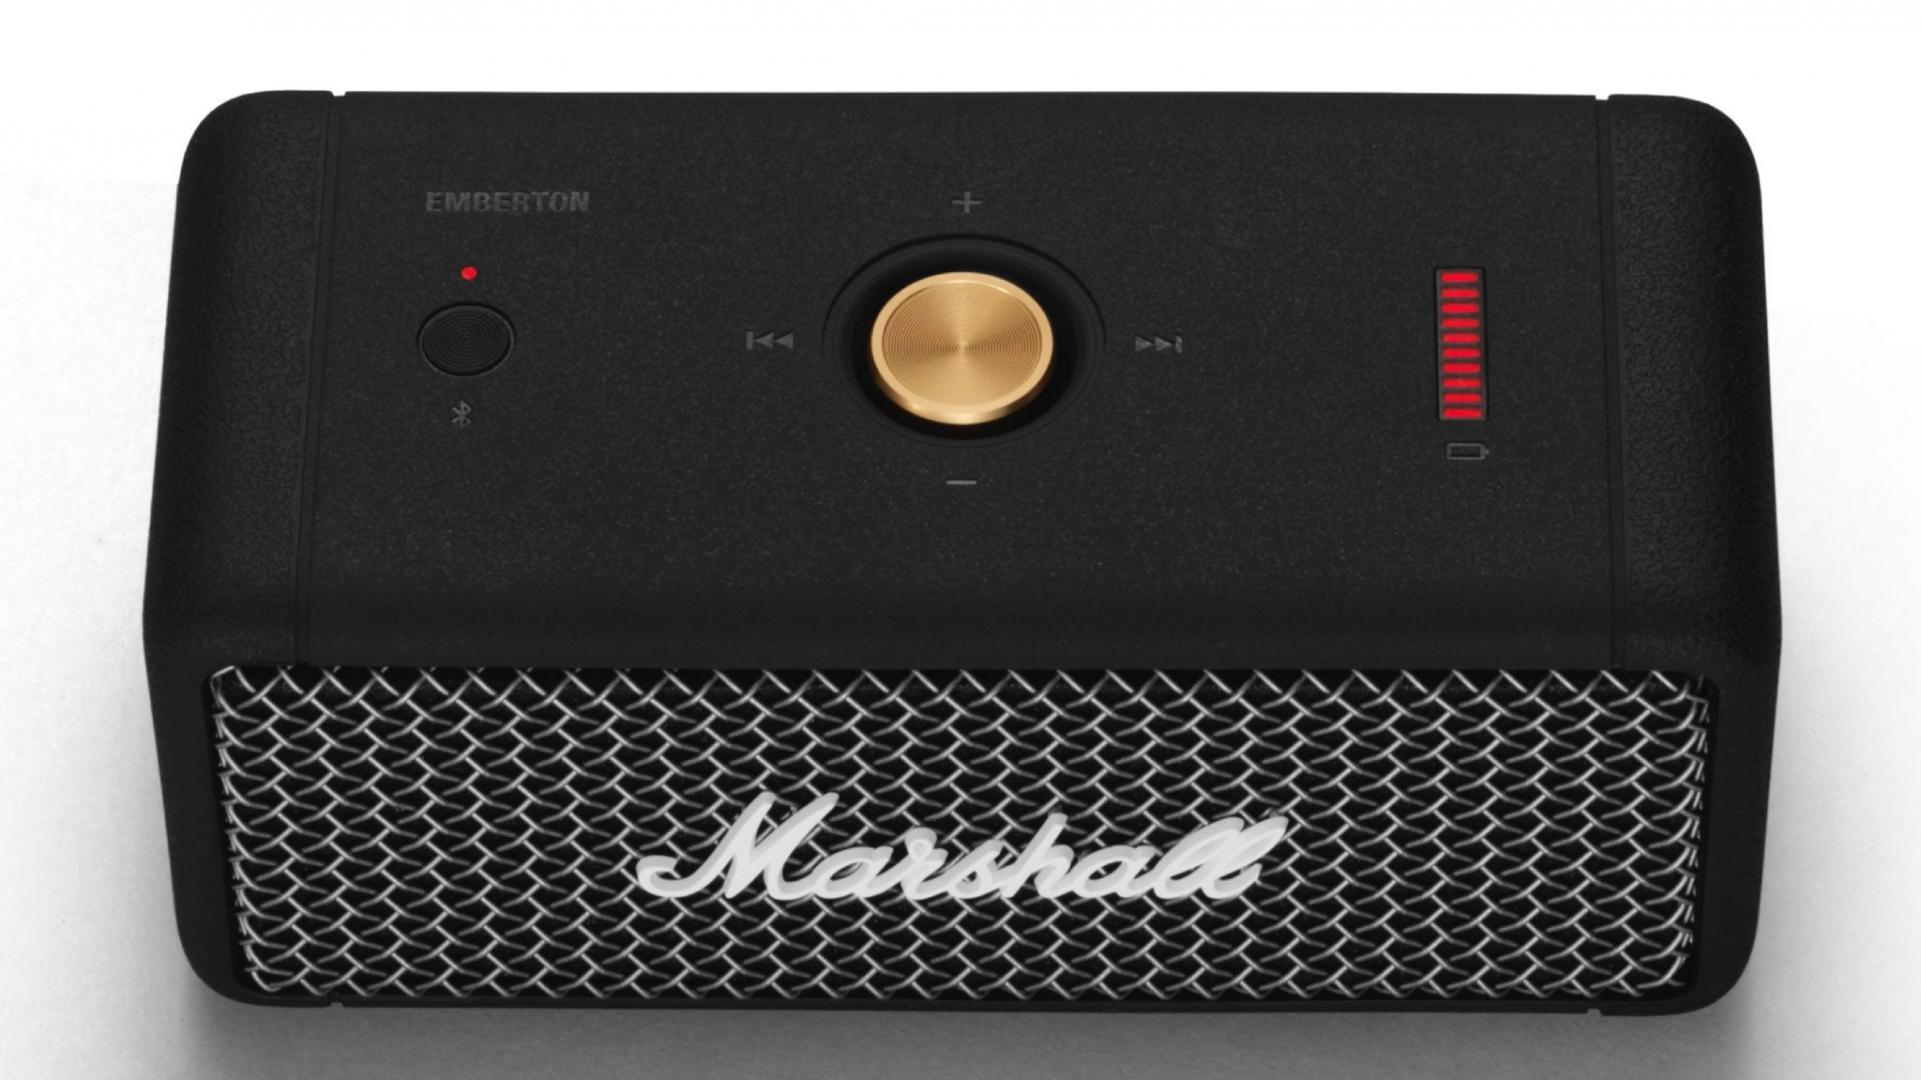 Marshall giới thiệu loa di động Emberton, âm thanh 360